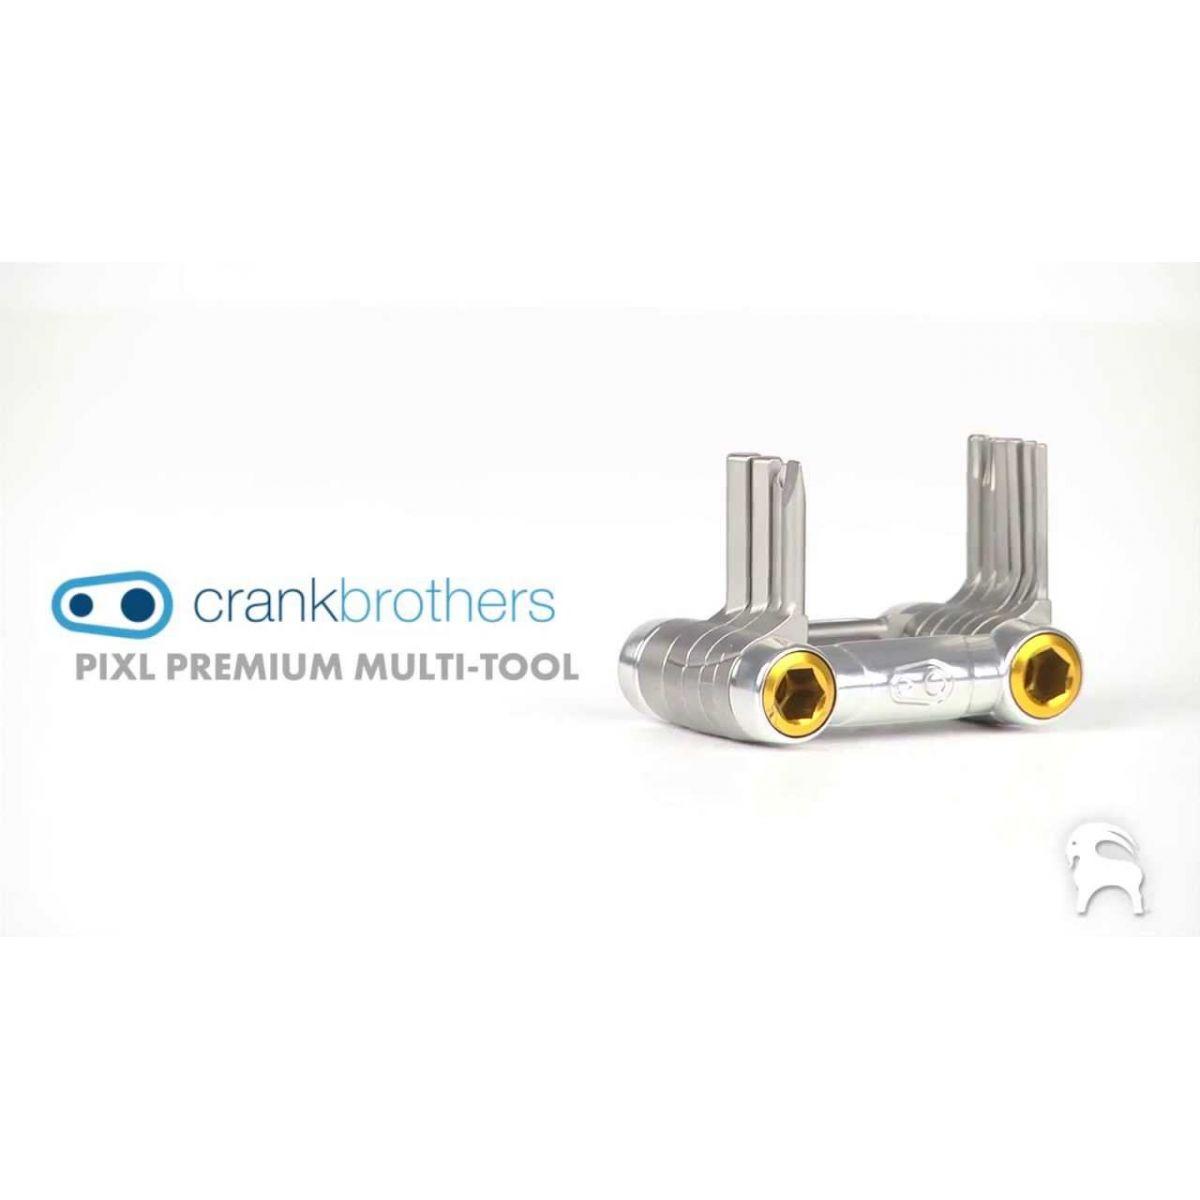 Canivete de Ferramentas Crank Brothers Premiun pixl 11 Funções